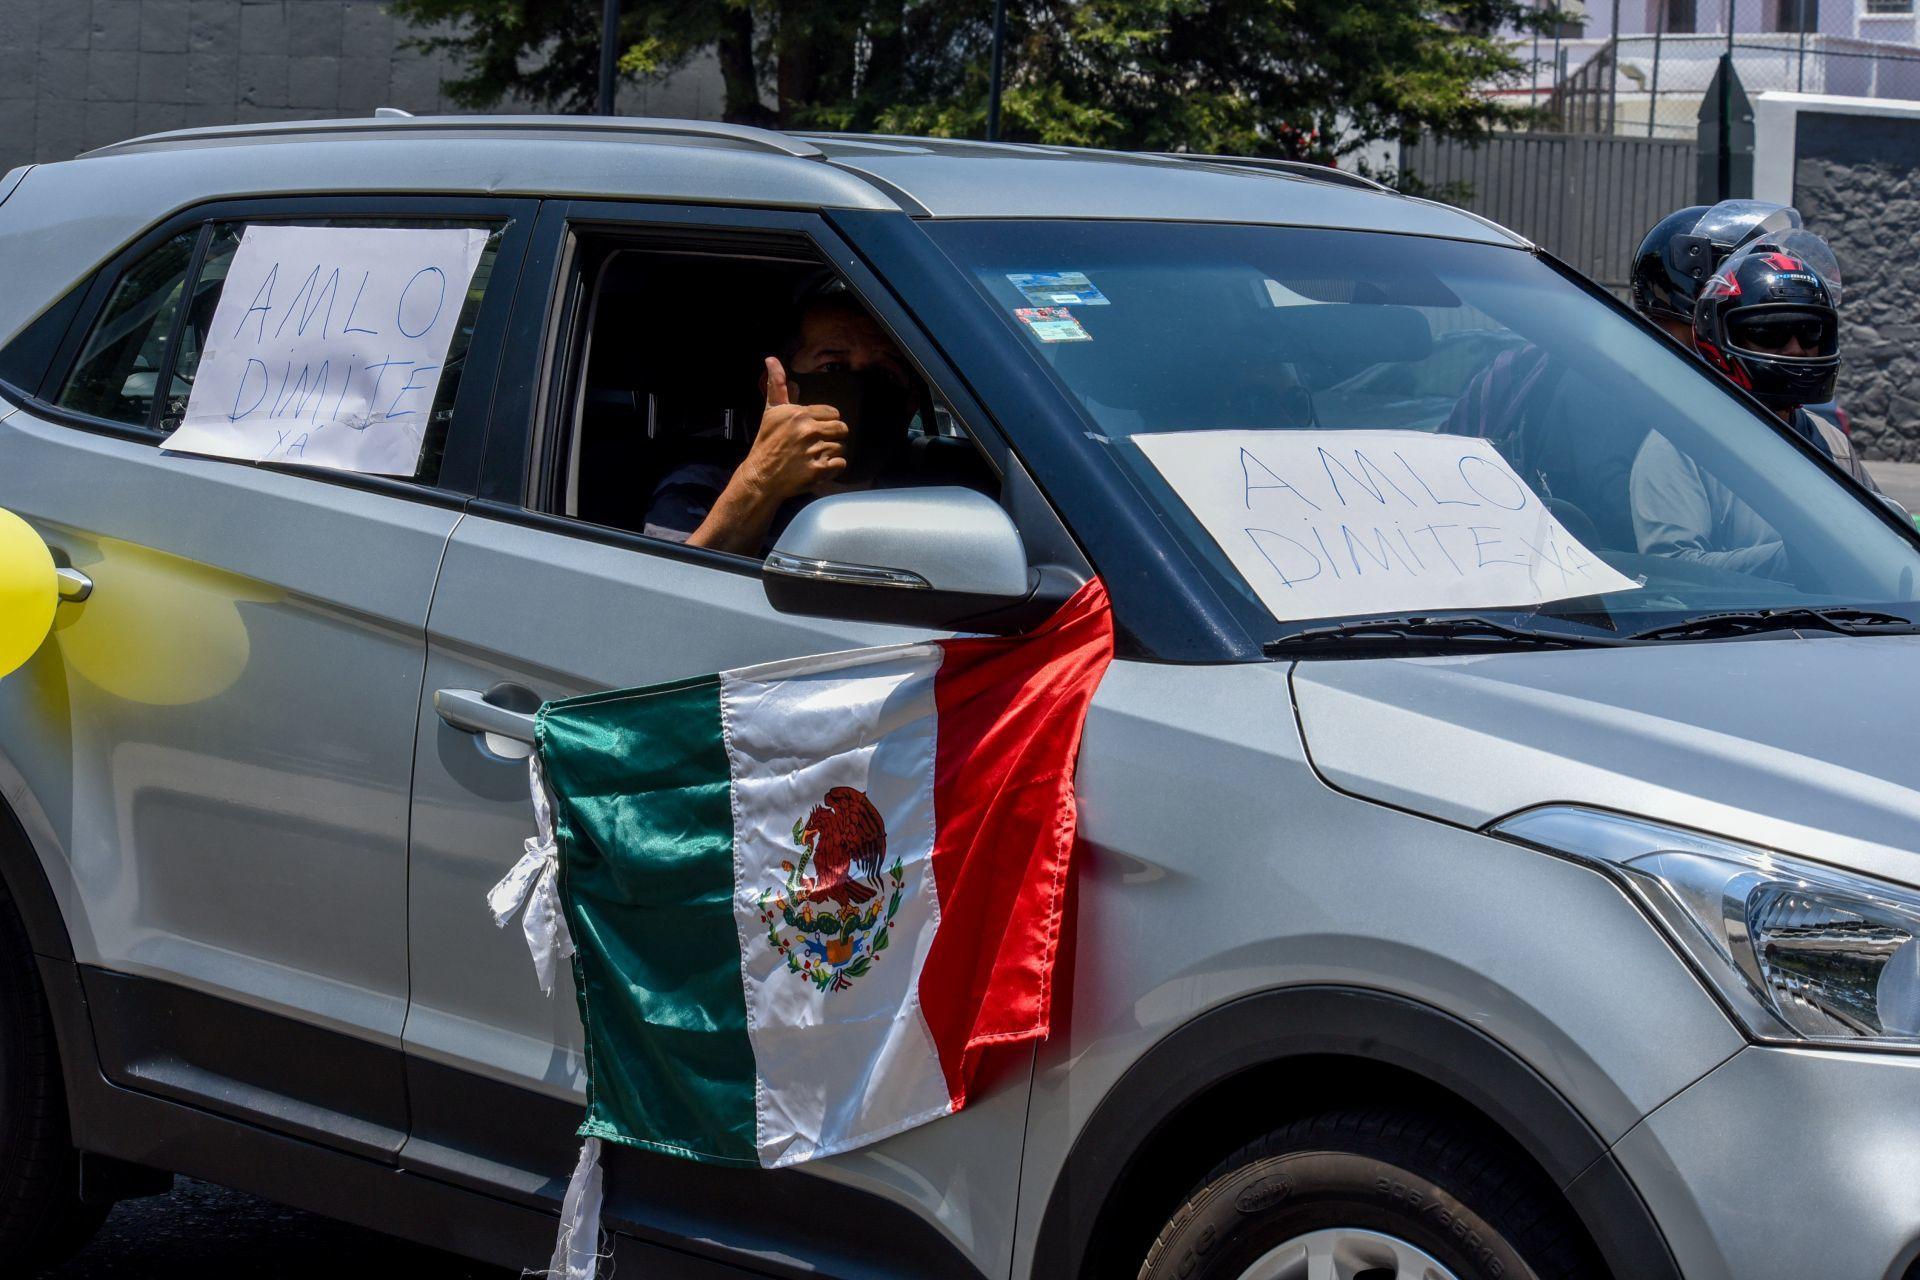 Caravanas convocadas por el Frente Anti AMLO protestan en distintas ciudades del país